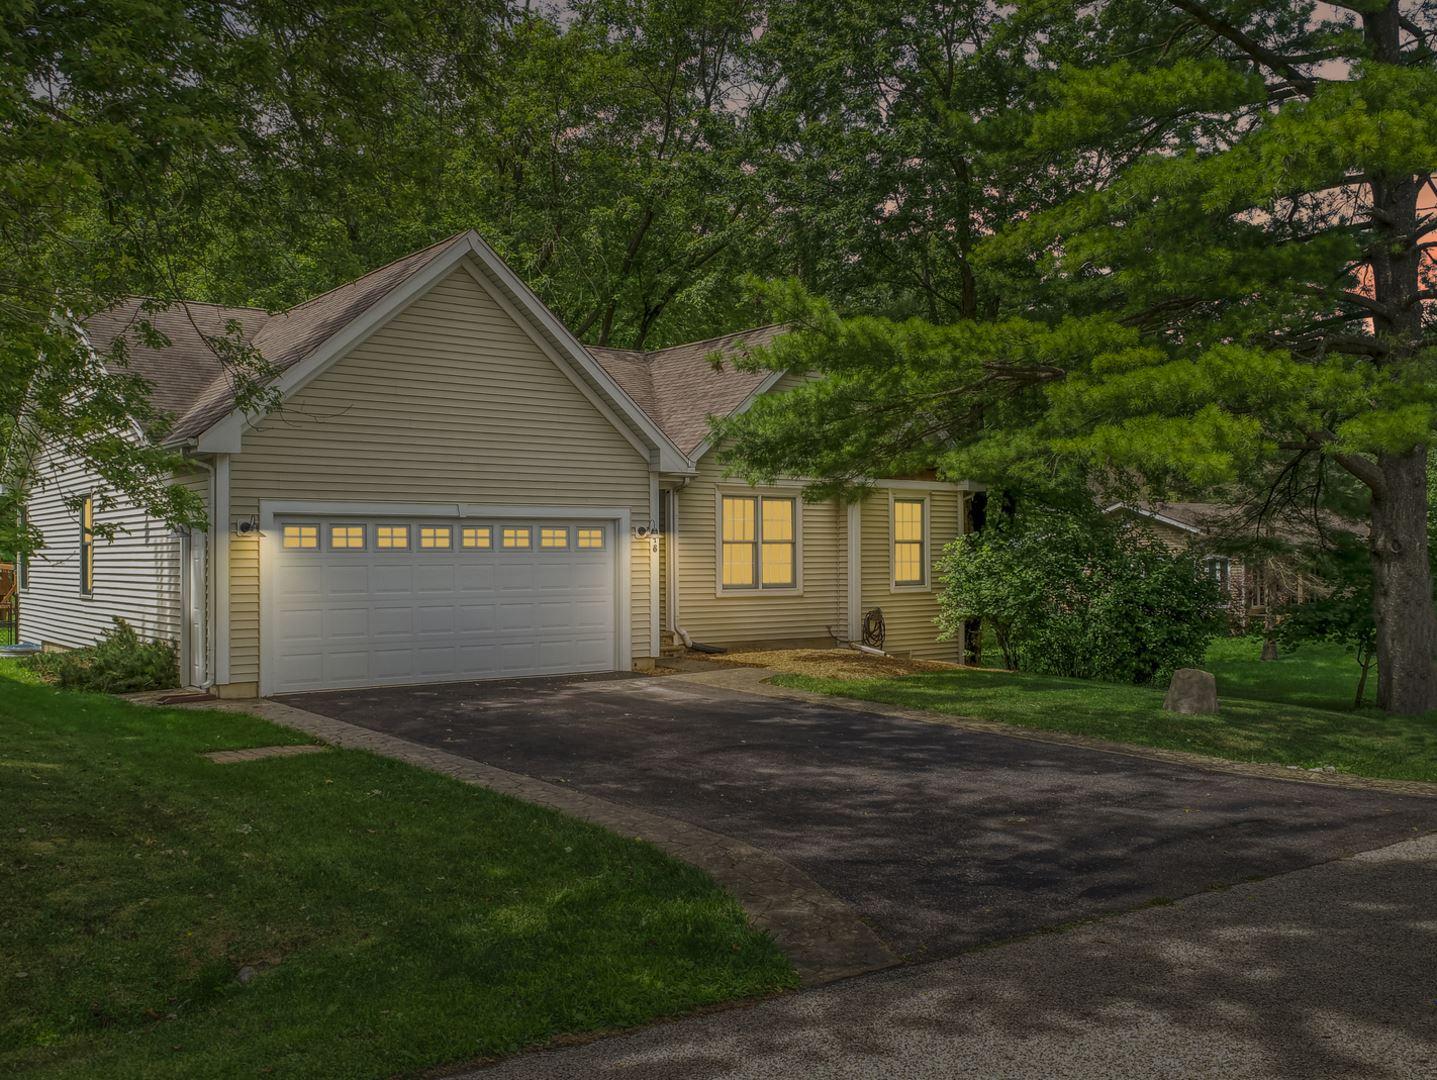 18 Hilltop Road, Oakwood Hills, IL 60013 - #: 10674289